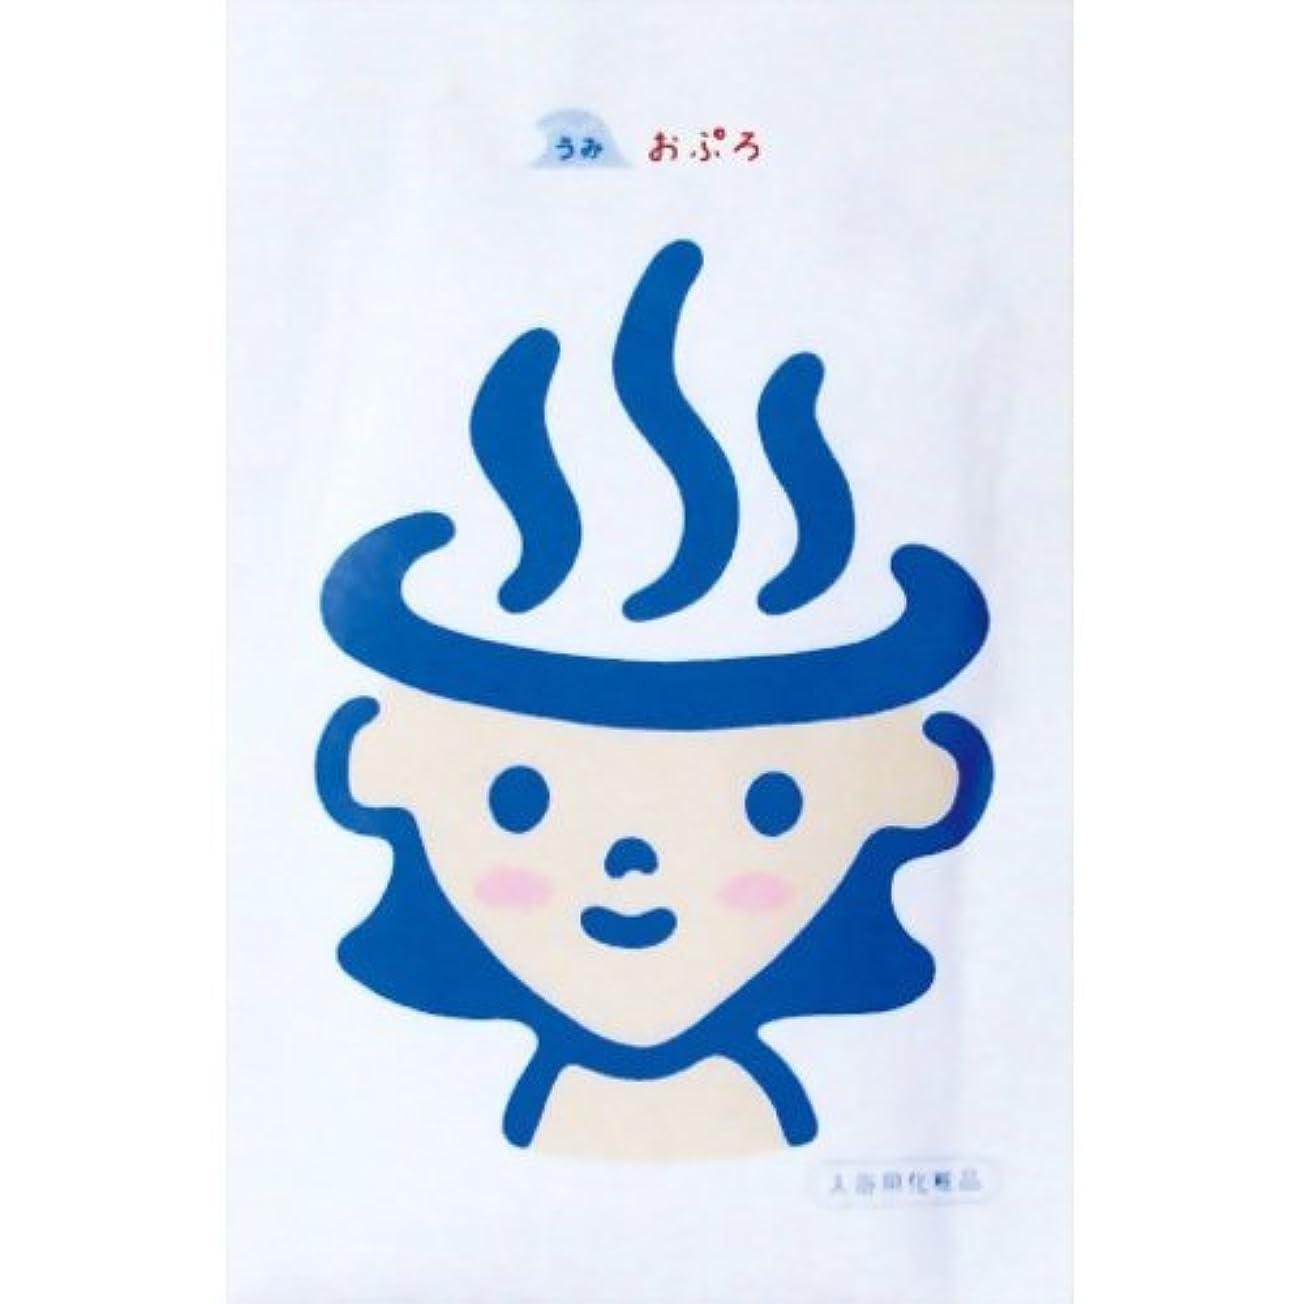 アレンジ好戦的なゴム早川バルブ製作所 おぷろ うみ 25G